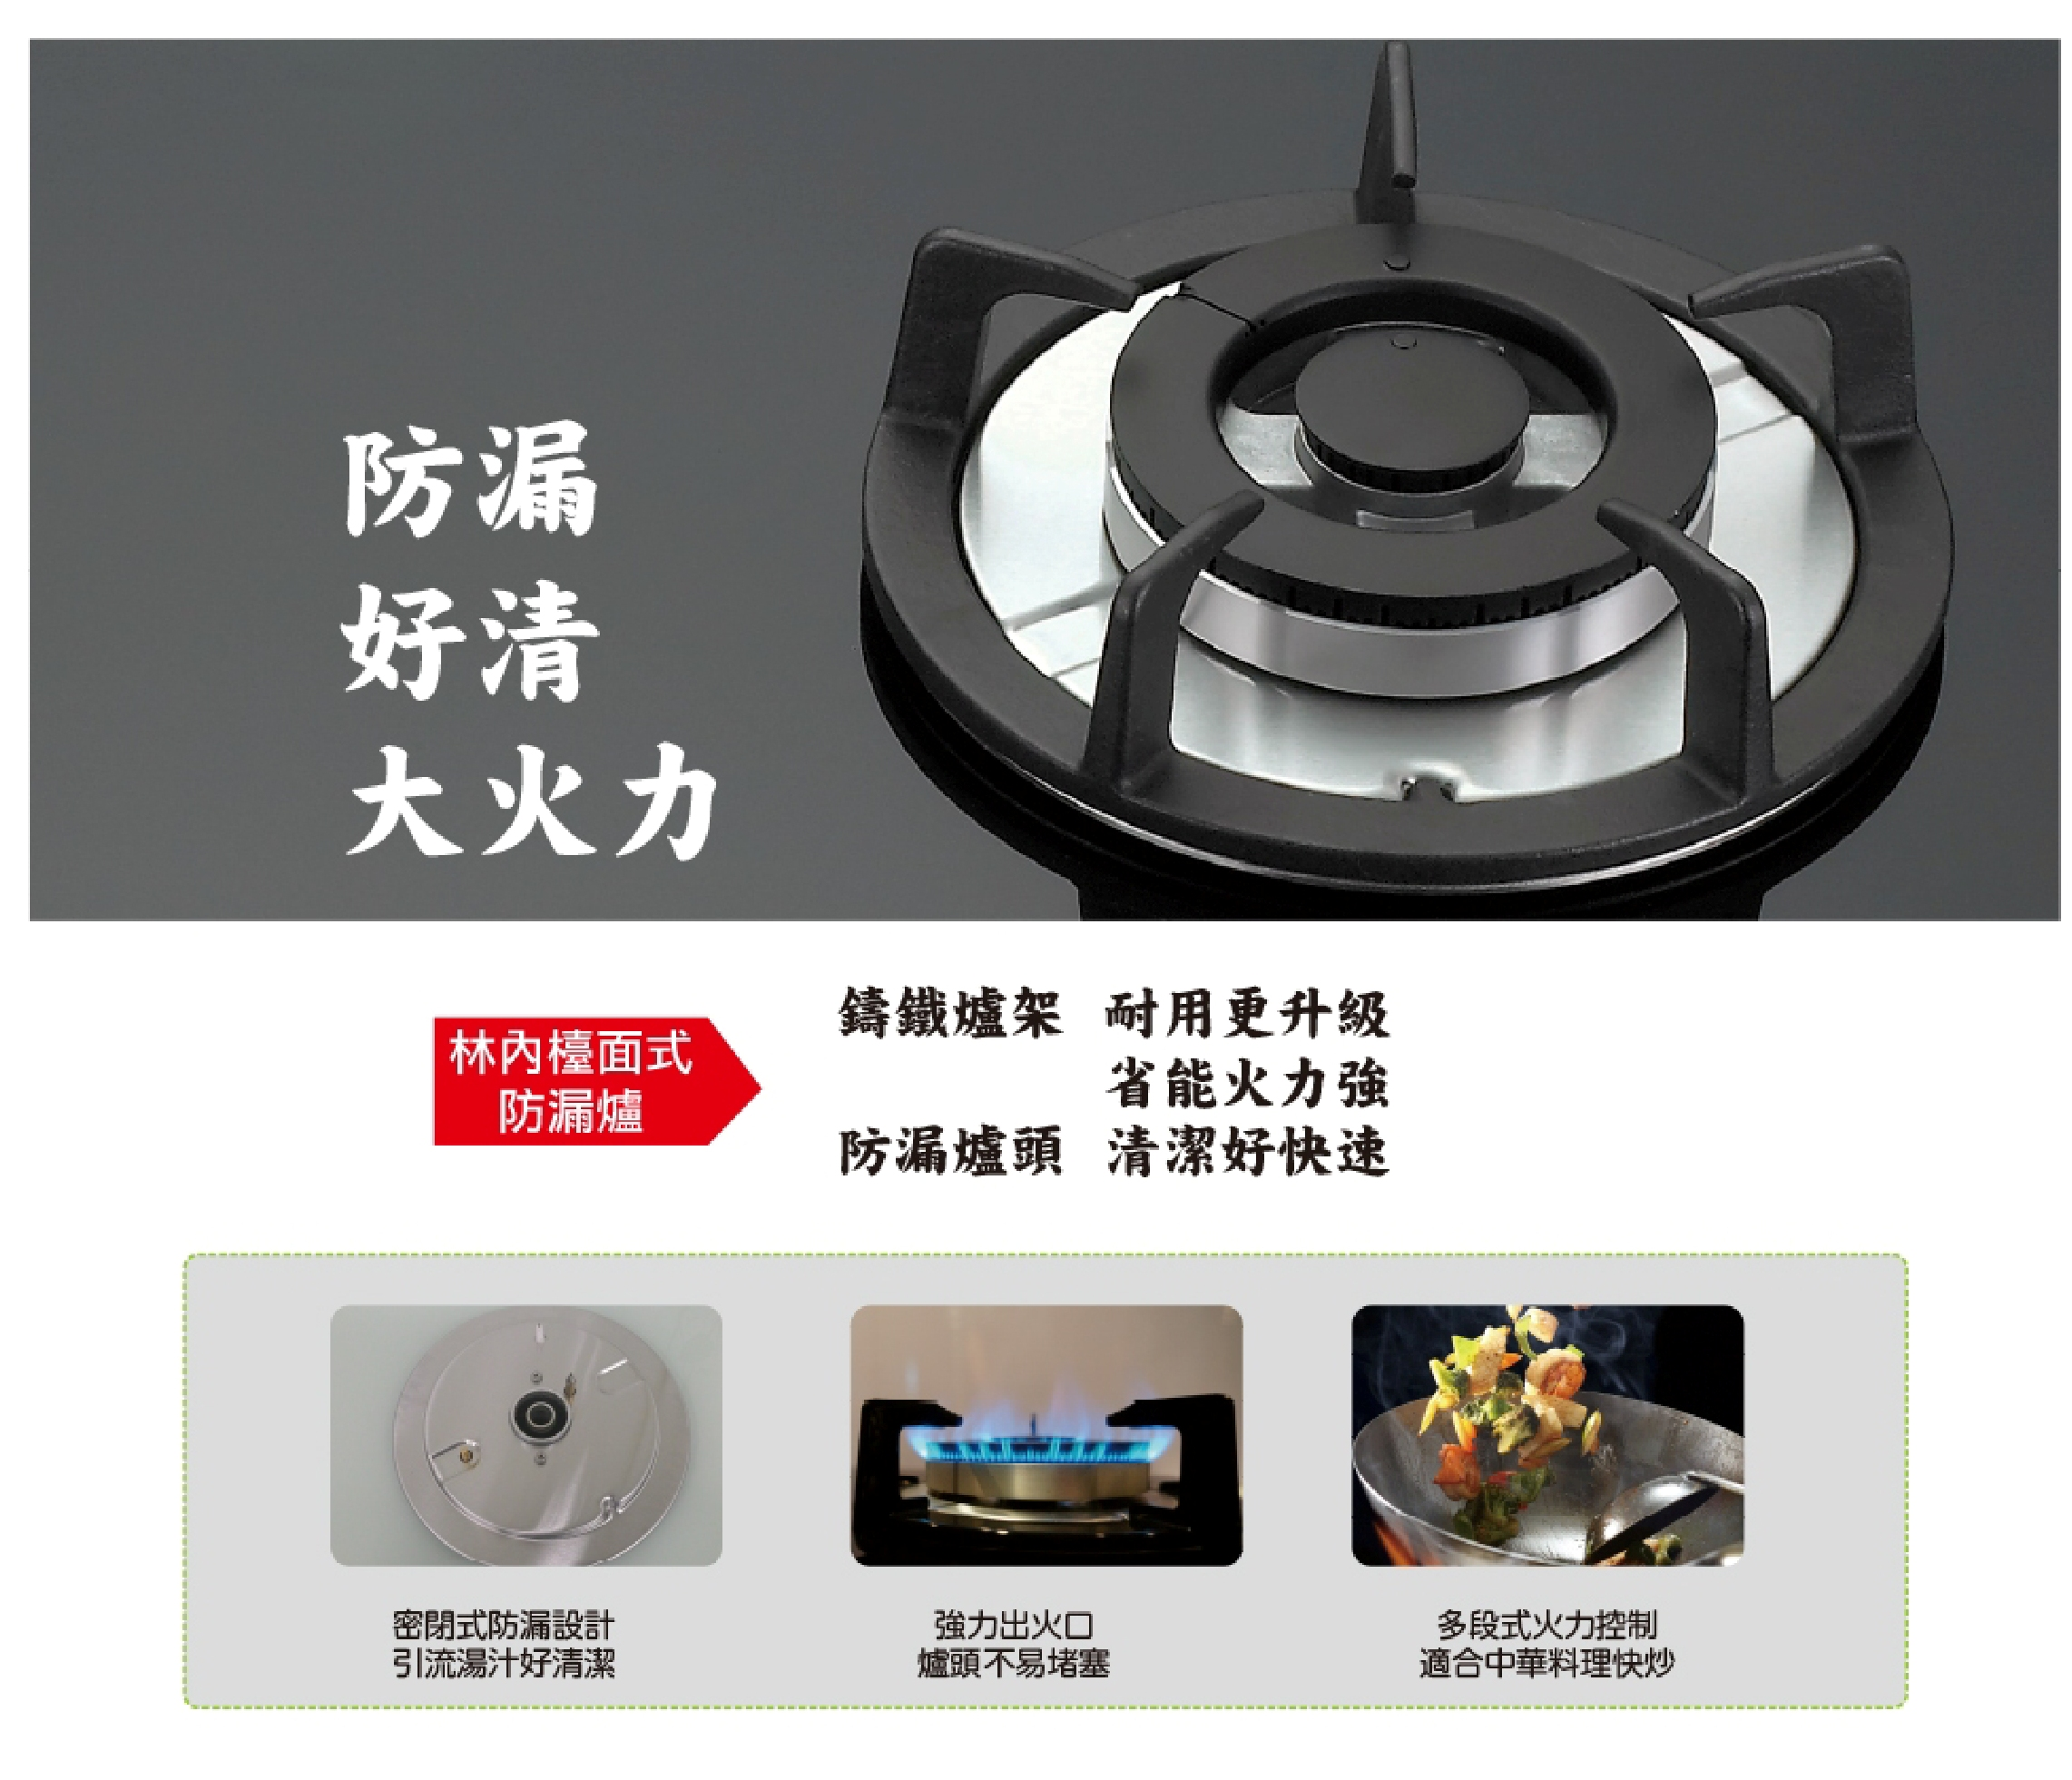 林內瓦斯爐RB-H201S檯面式不銹鋼防漏爐(鑄鐵爐架)二口爐.jpg